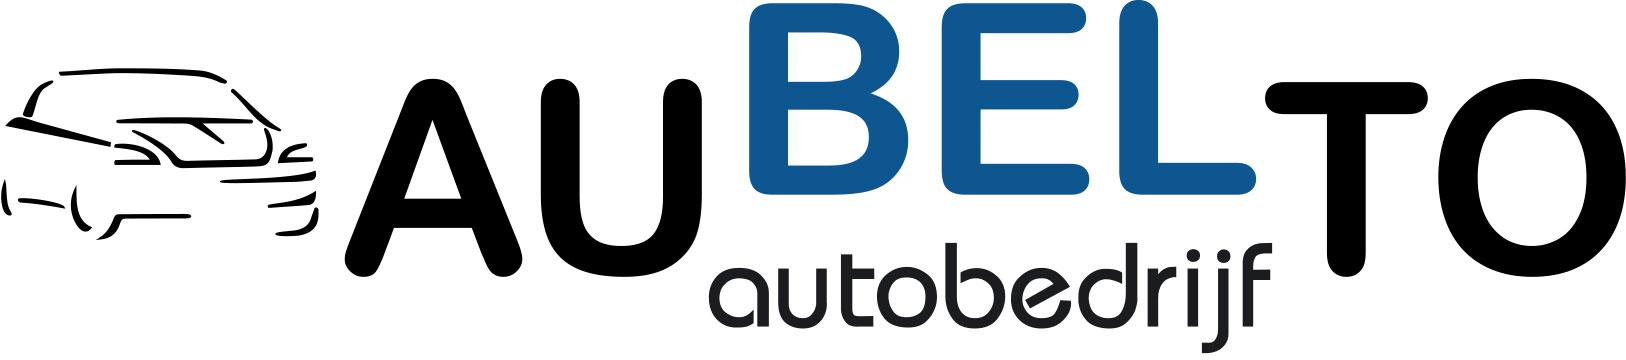 Autobedrijf Aubelto Ruinerwold | Onderhoud | APK Keuring | Chip Tuning | Software Uitlezen | Airco Service | Bandenservice